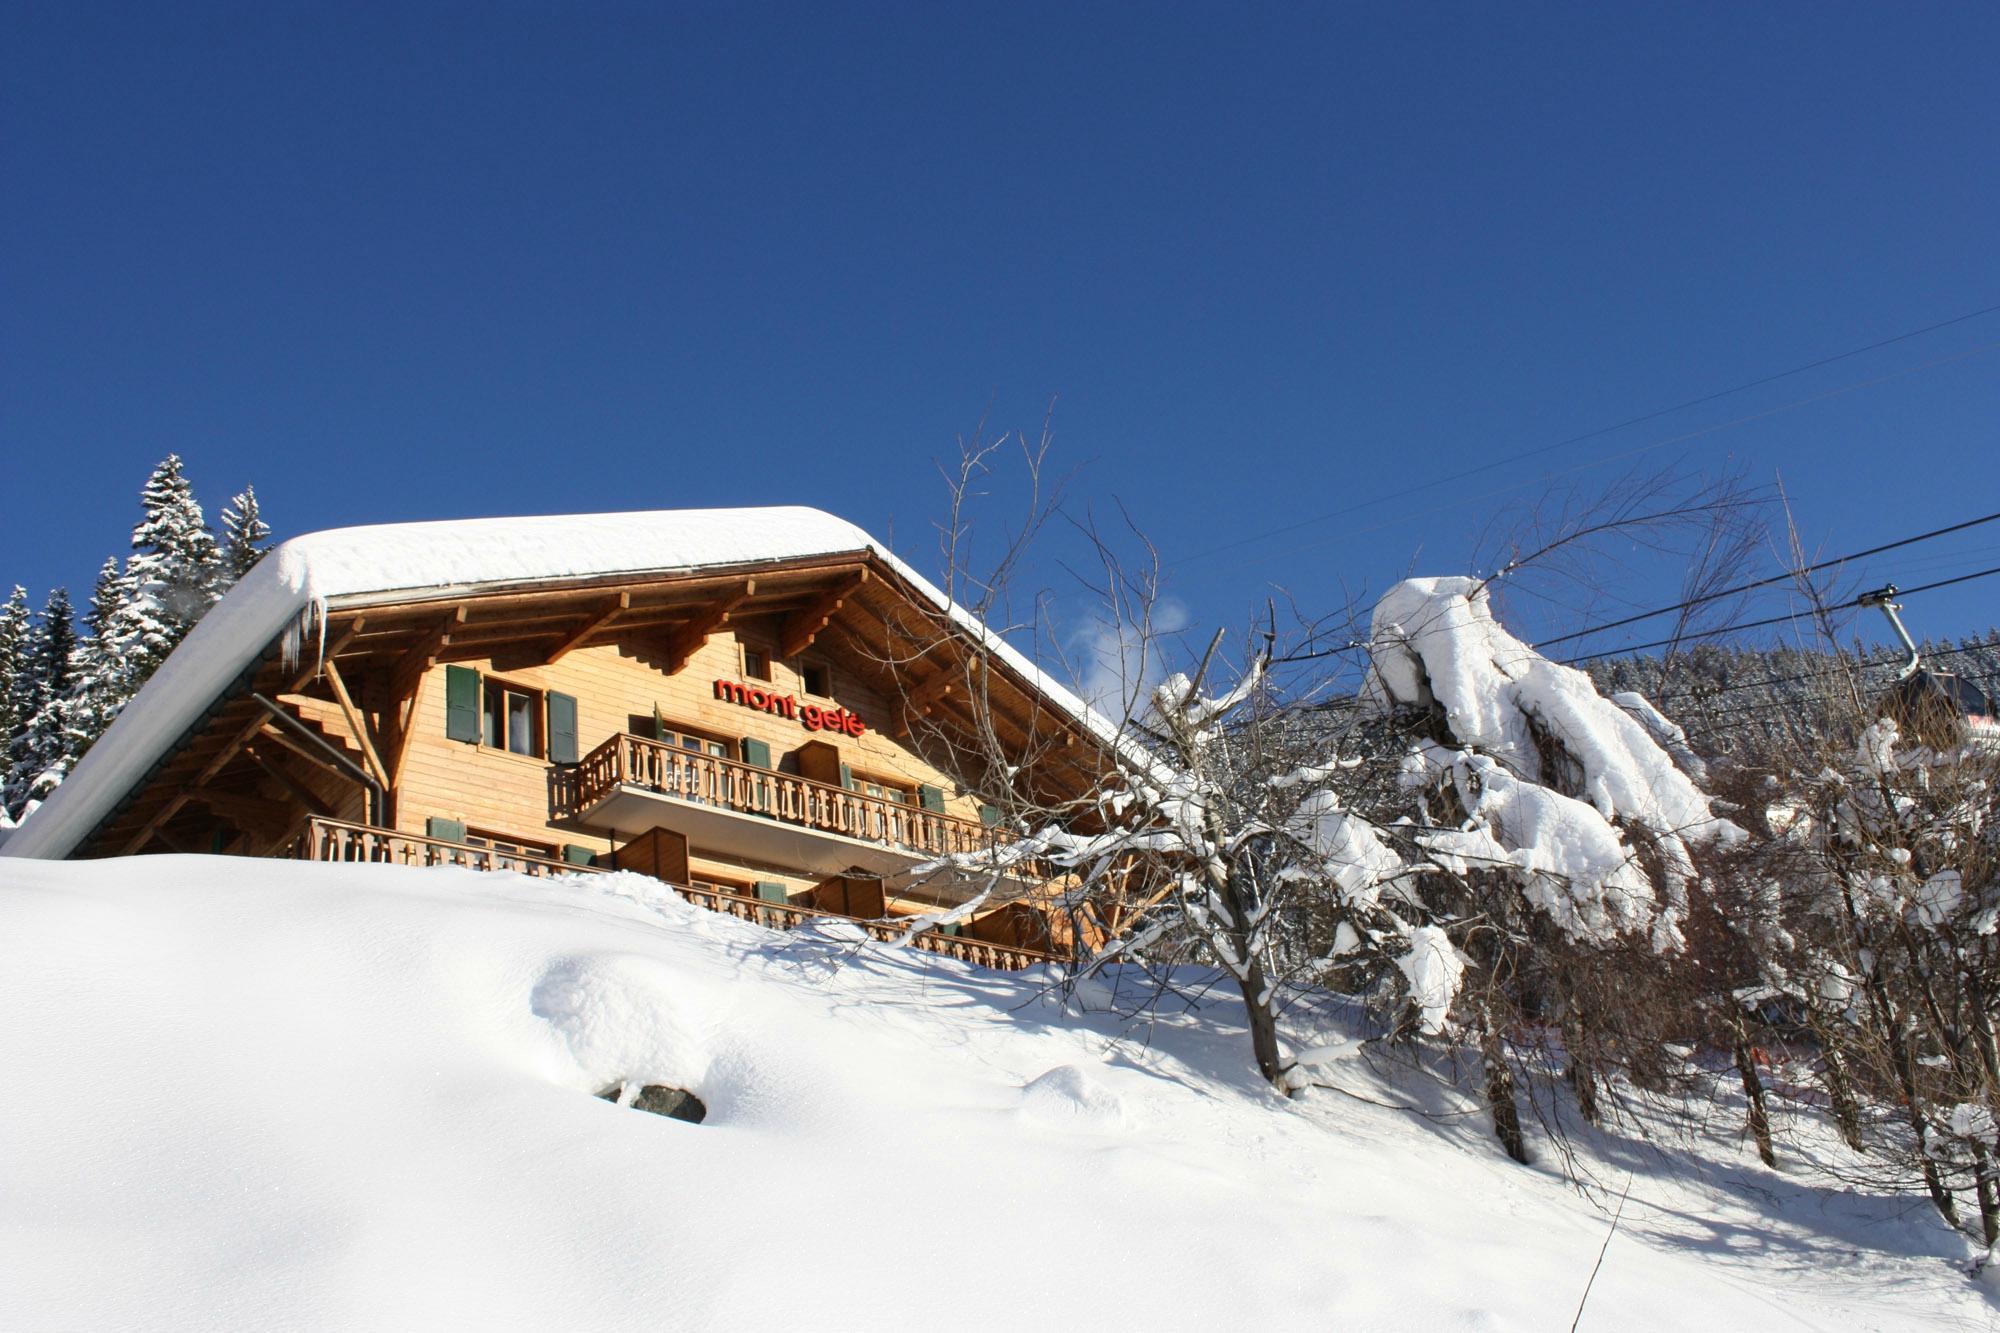 Hotel Mont Gele